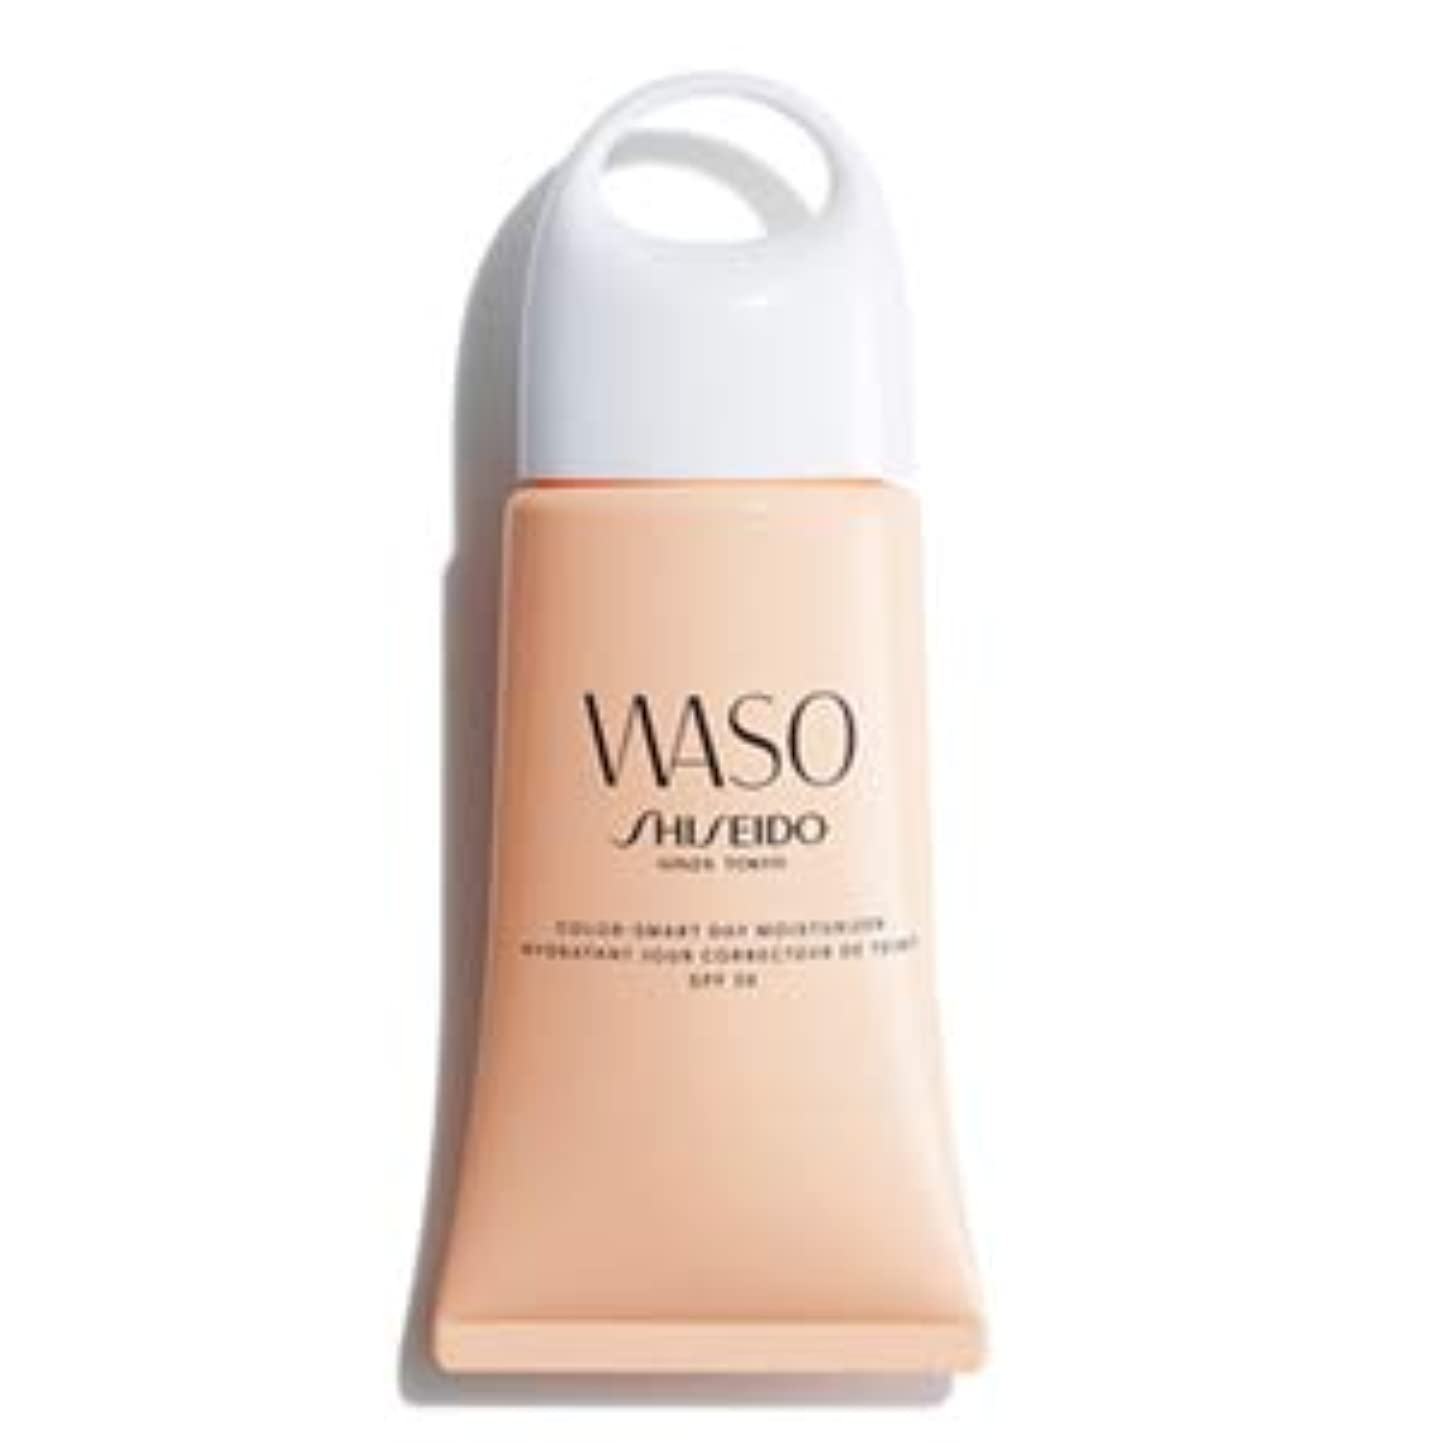 ペチコート量起業家WASO(ワソウ) カラー スマート デー モイスチャライザー PA+++ / SPF30 (日中用乳液)_53g